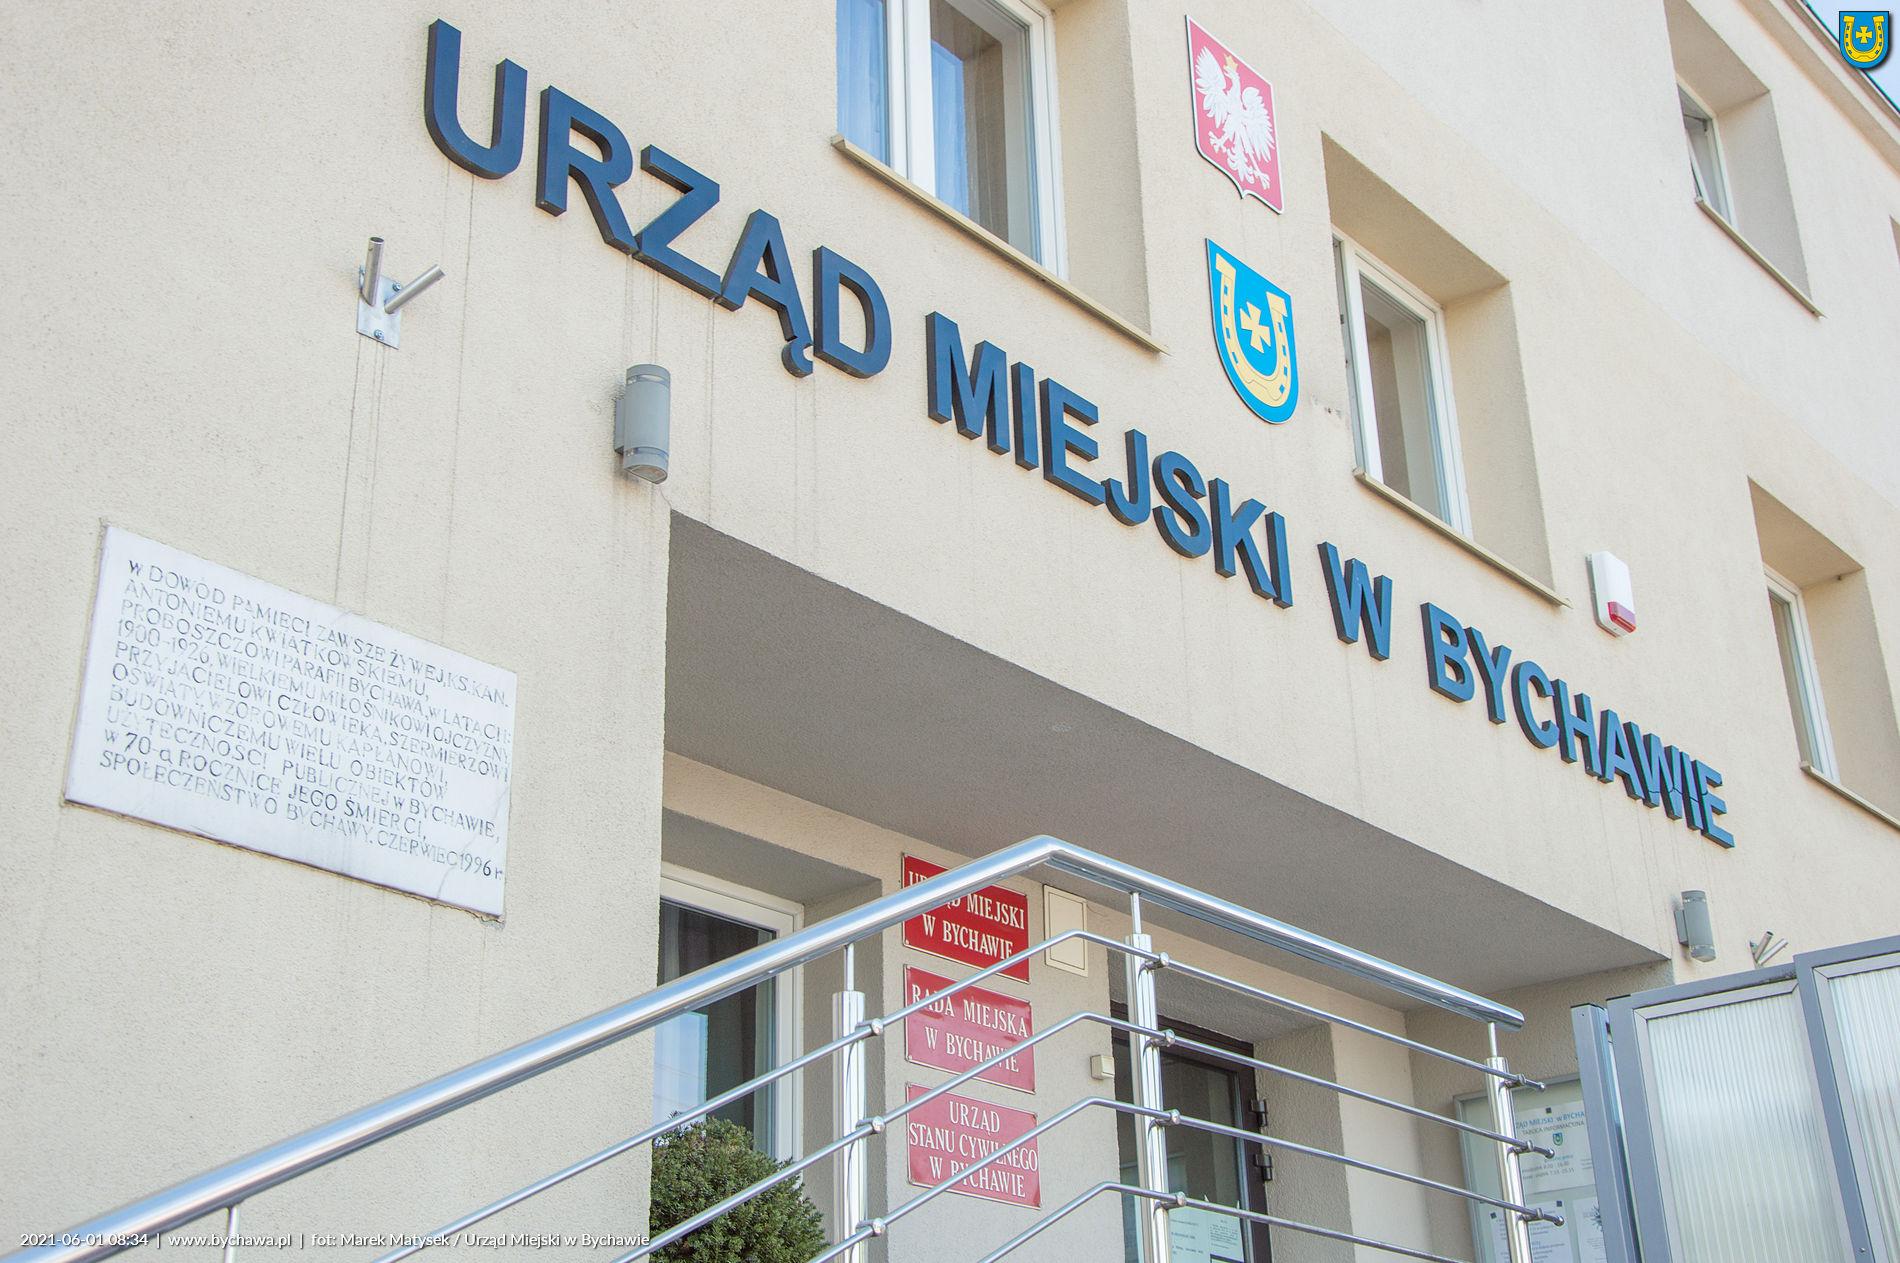 Ogłoszenie w sprawie ustalenia wykazu nieruchomości stanowiącej własność gminy Bychawa, zabudowanej budynkiem wielorodzinnym, w którym lokal mieszkalny został przeznaczony do sprzedaży wraz ze sprzedażą ułamkowej części gruntu na rzecz najemcy